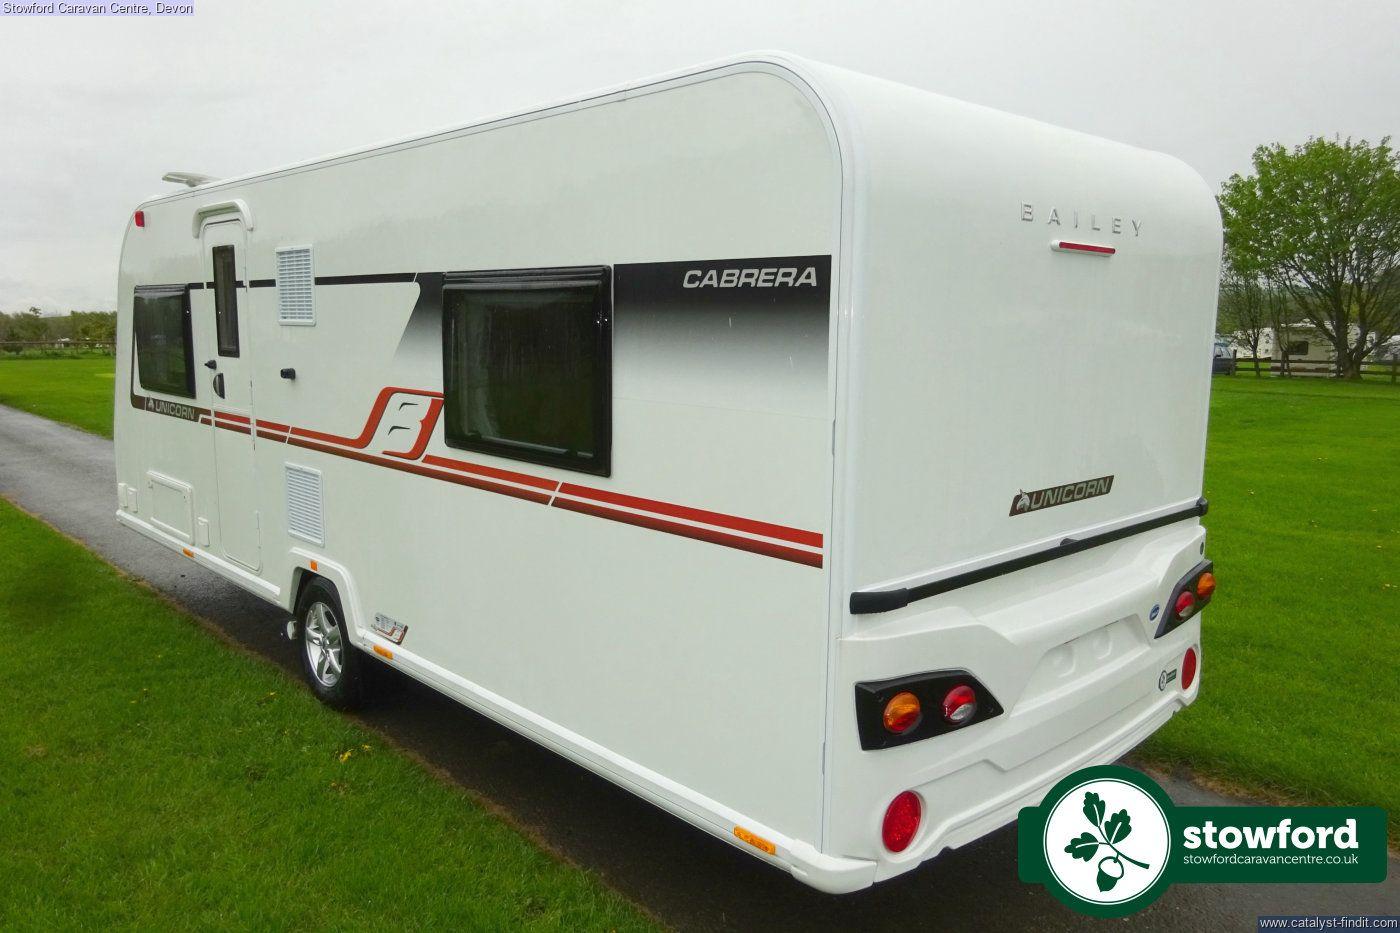 Bailey Unicorn 4 Cabrera 2018 - Stowford Caravan Centre